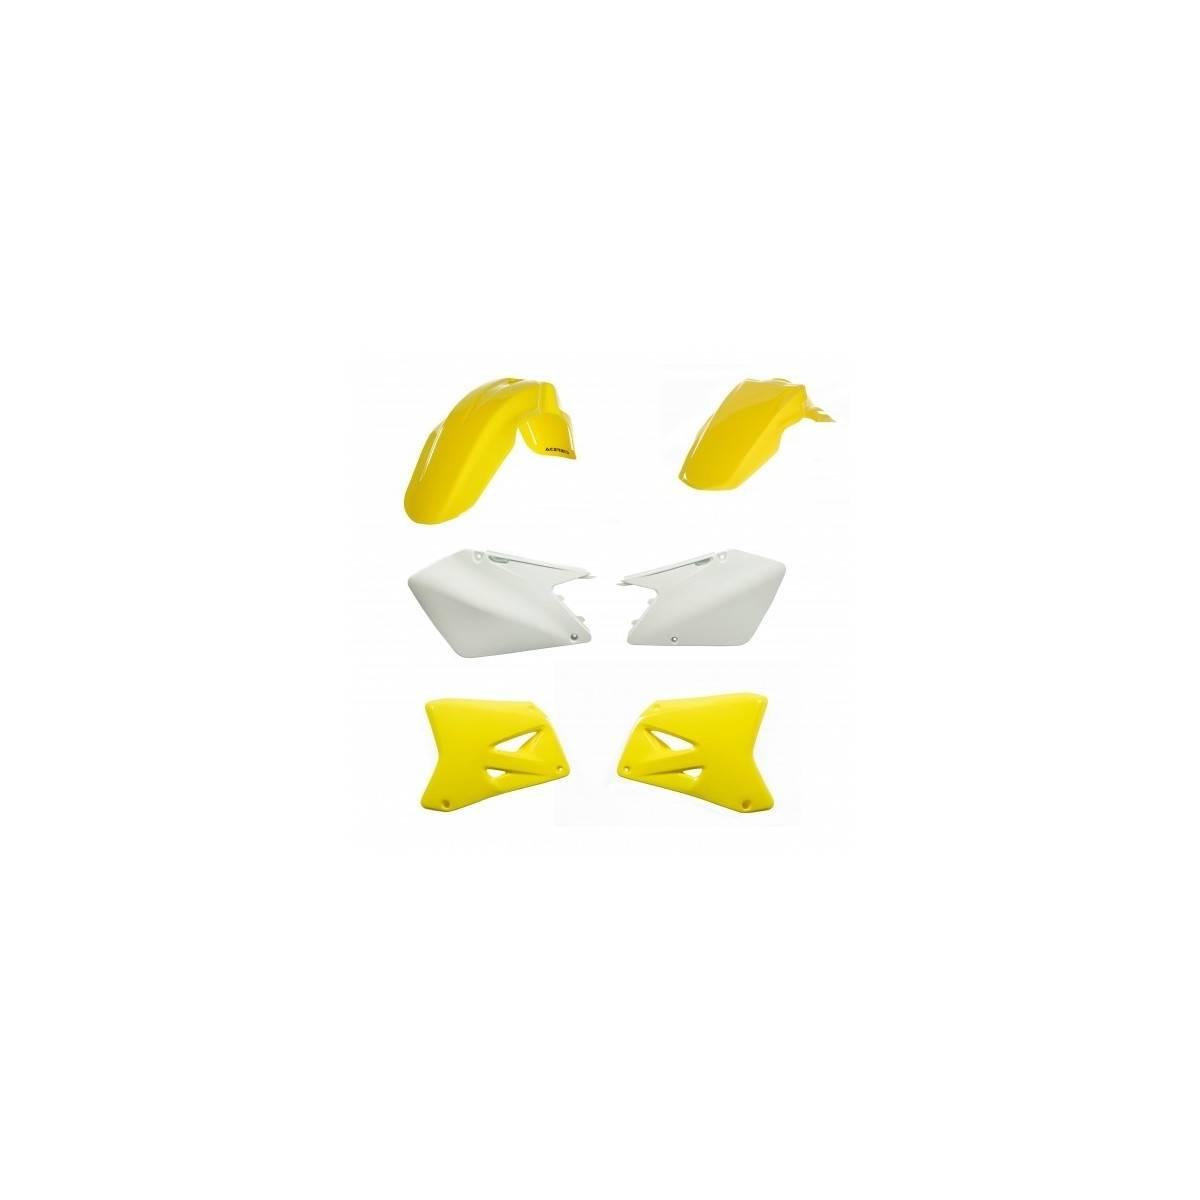 0011647-553 - Kit Plasticos Rmz 450 08 17 Origen